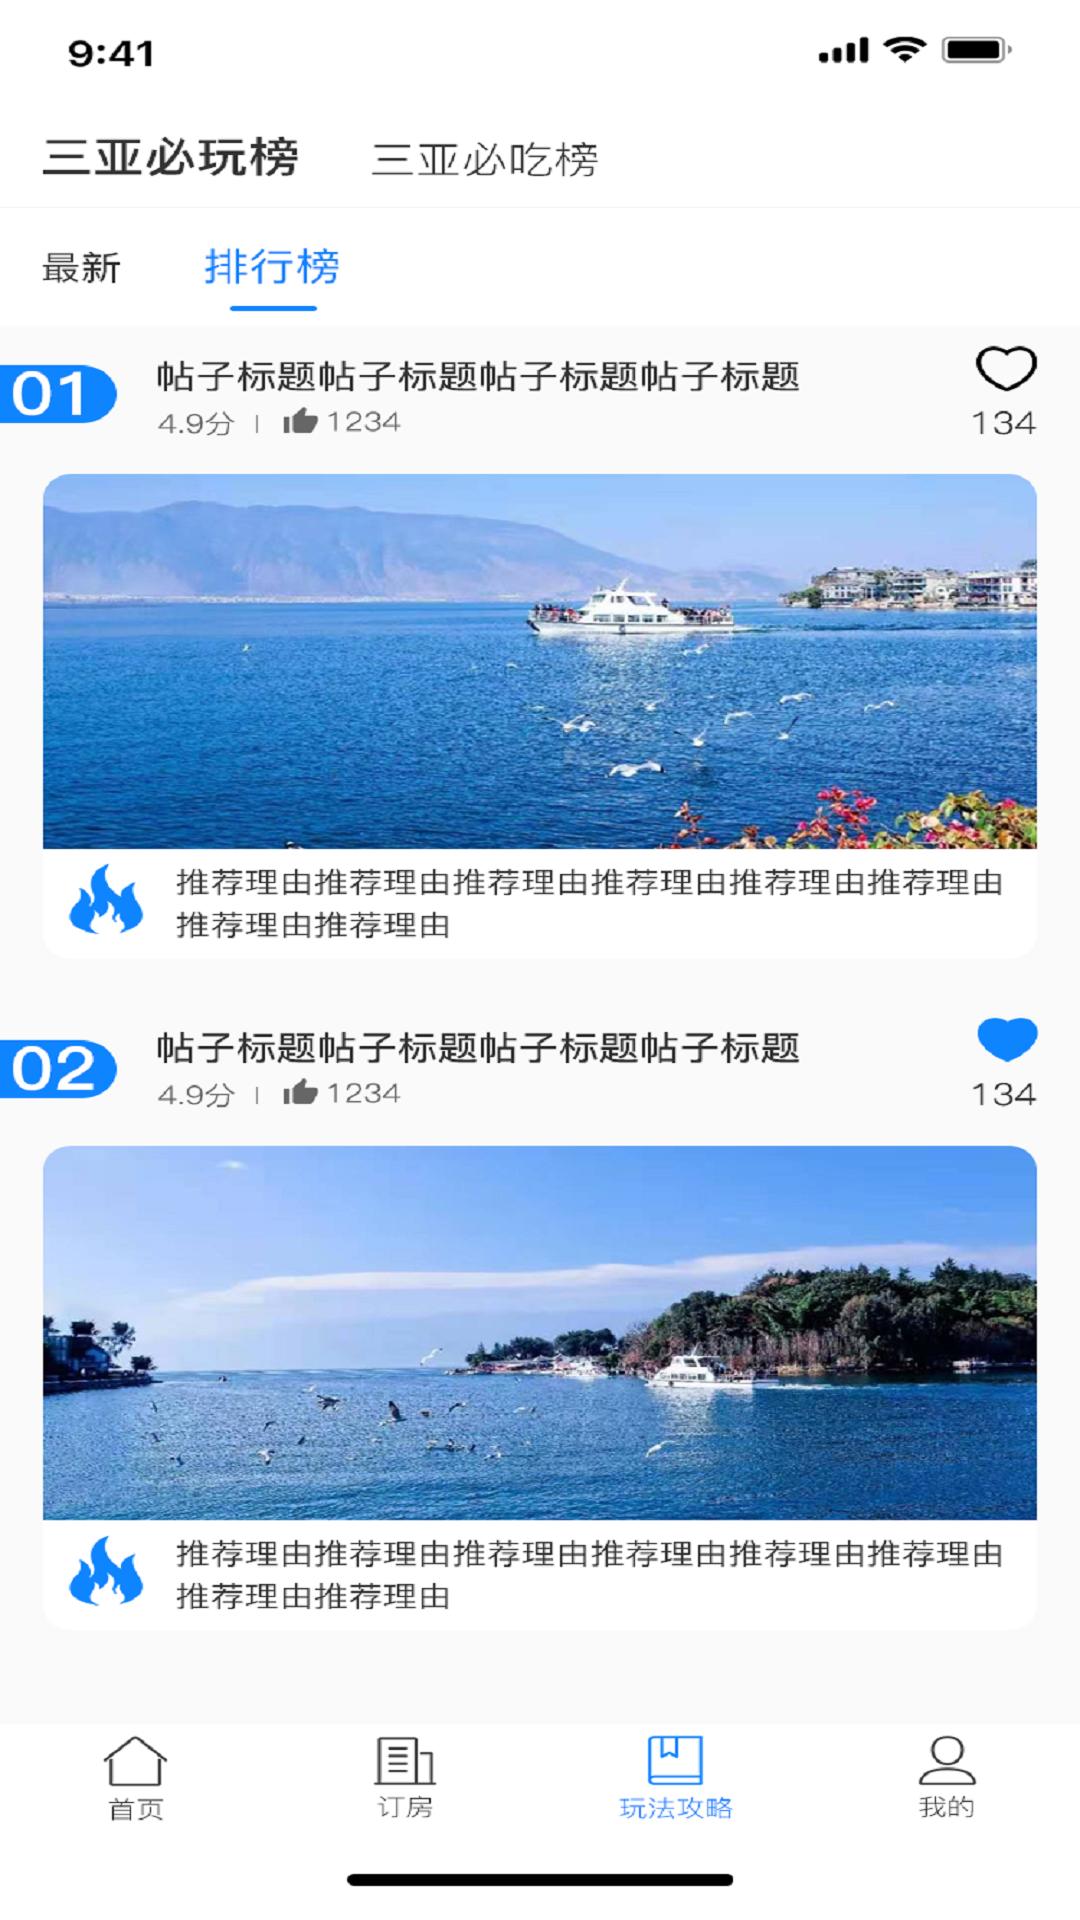 随心住 V1.0.0 安卓版截图2